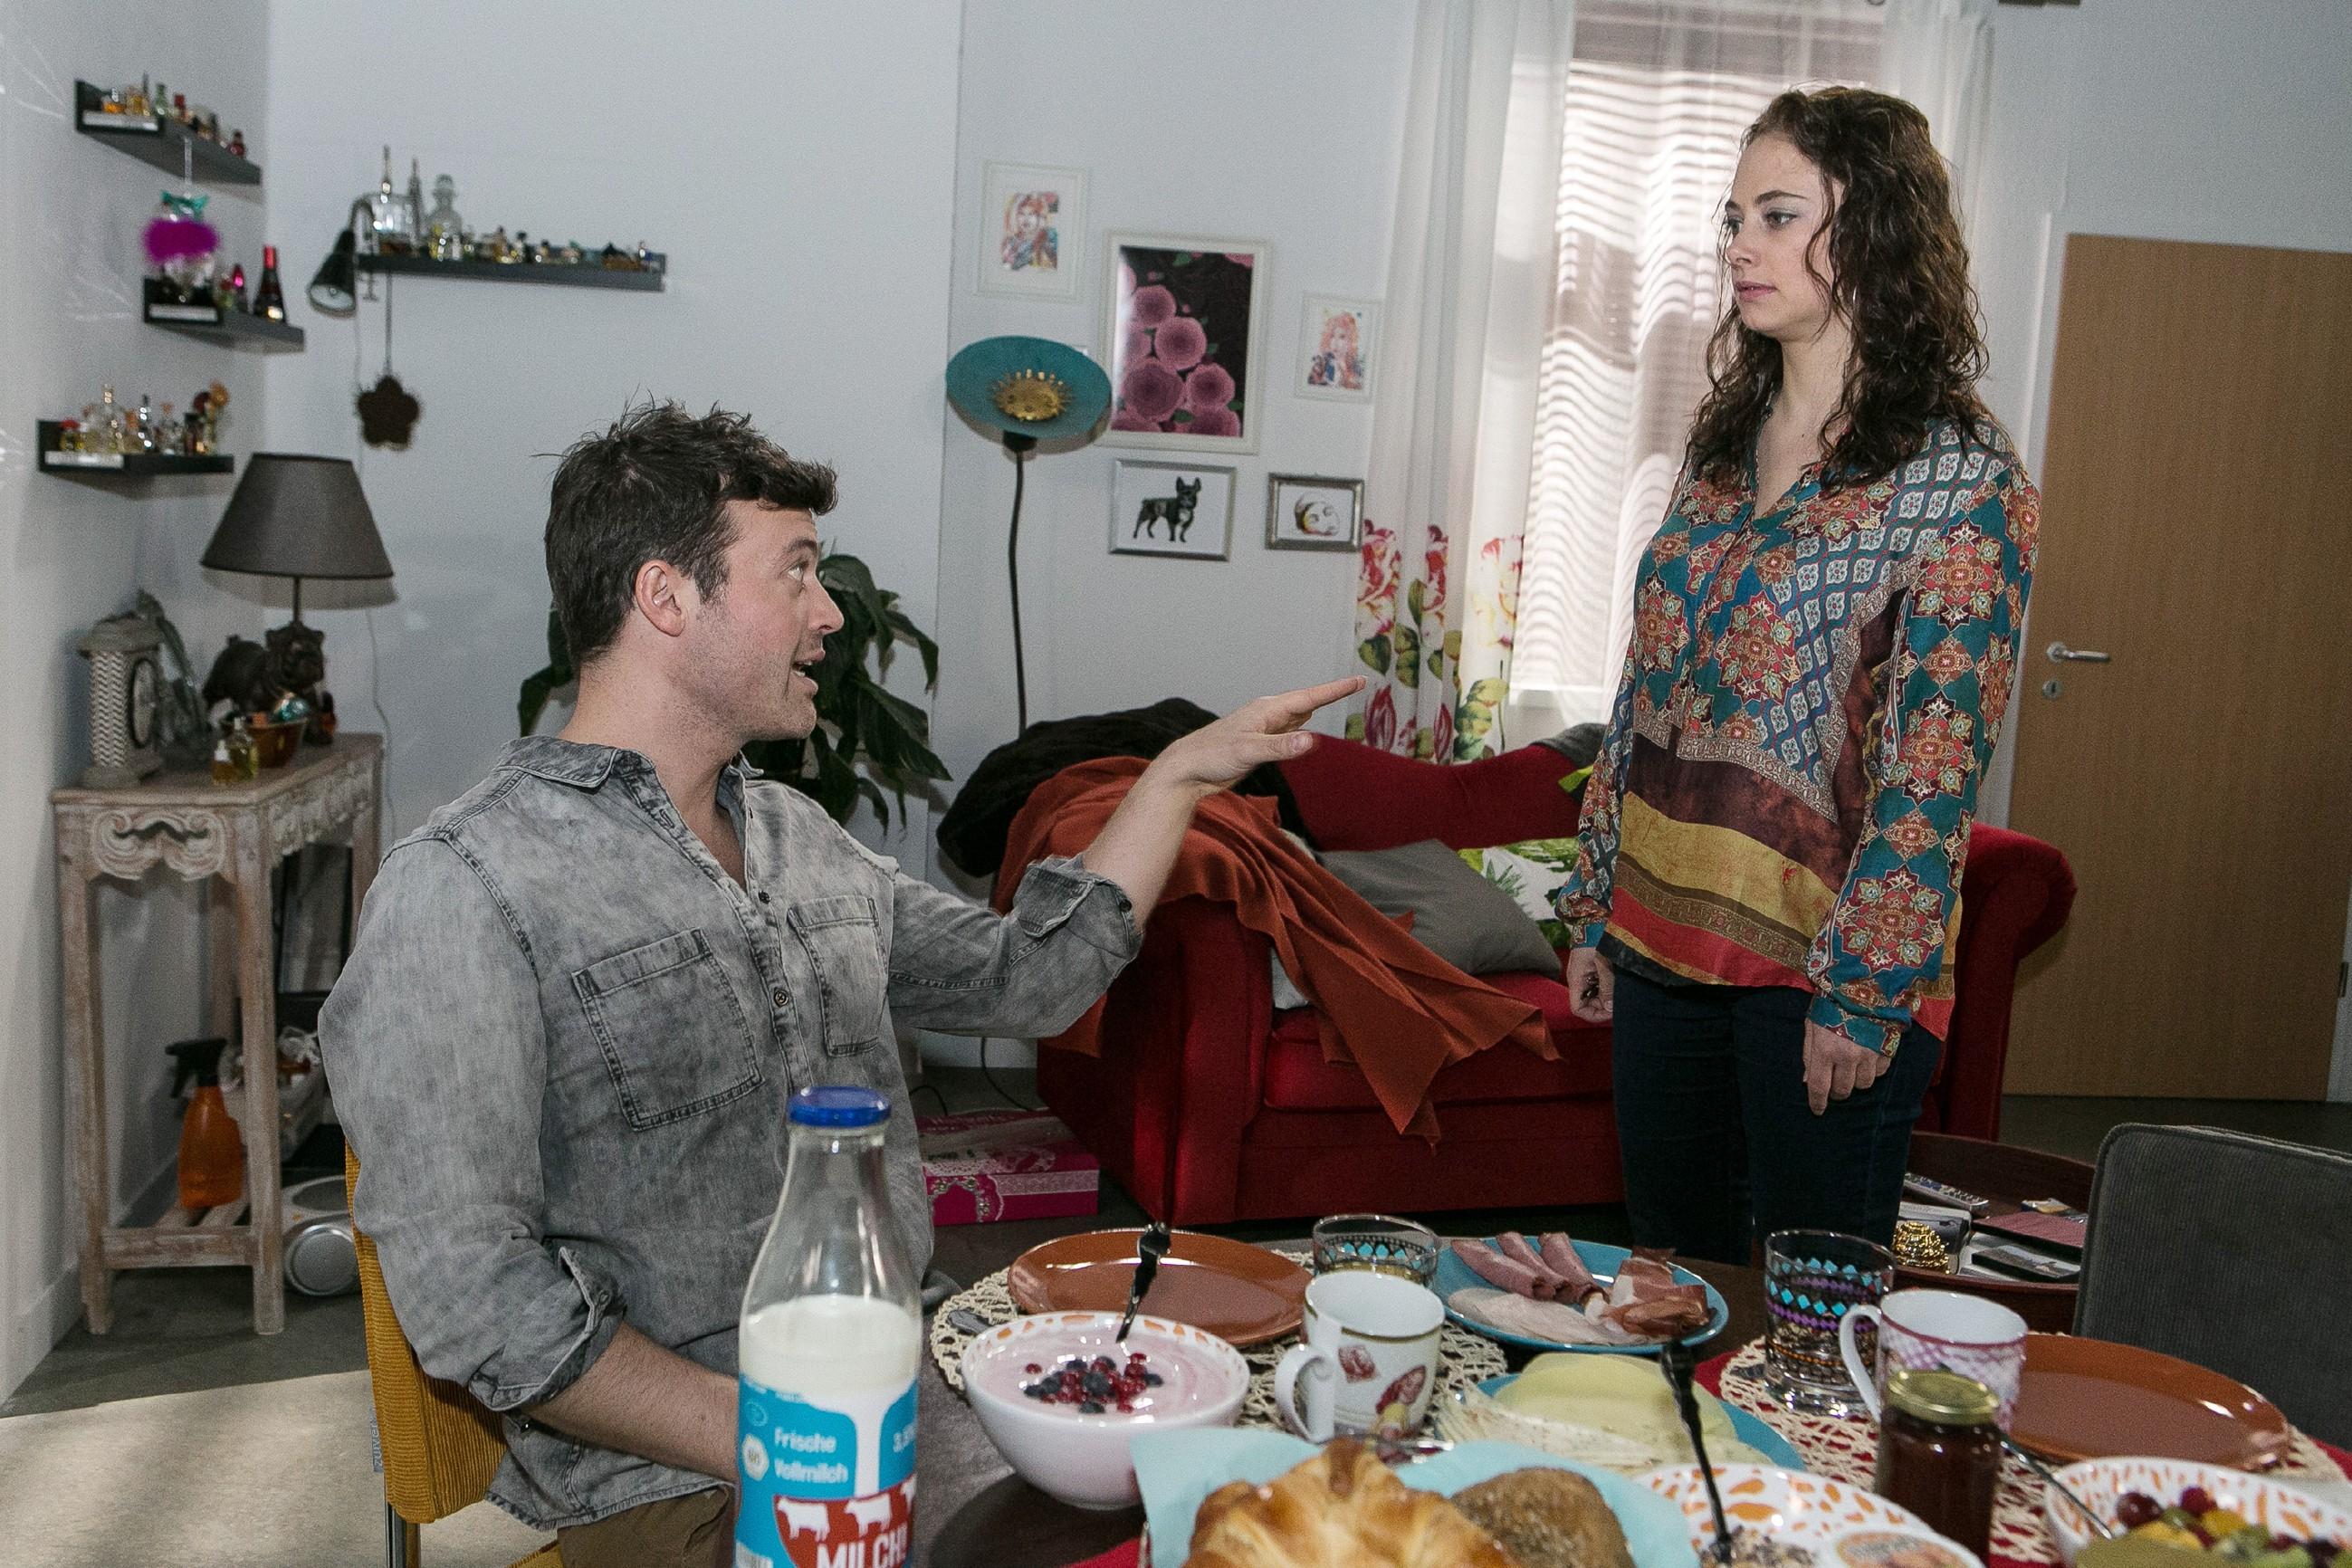 Carmen (Heike Warmuth) ist erleichtert, als Ben (Jörg Rohde) ihre Unruhe auf die bevorstehende Hochzeit schiebt.